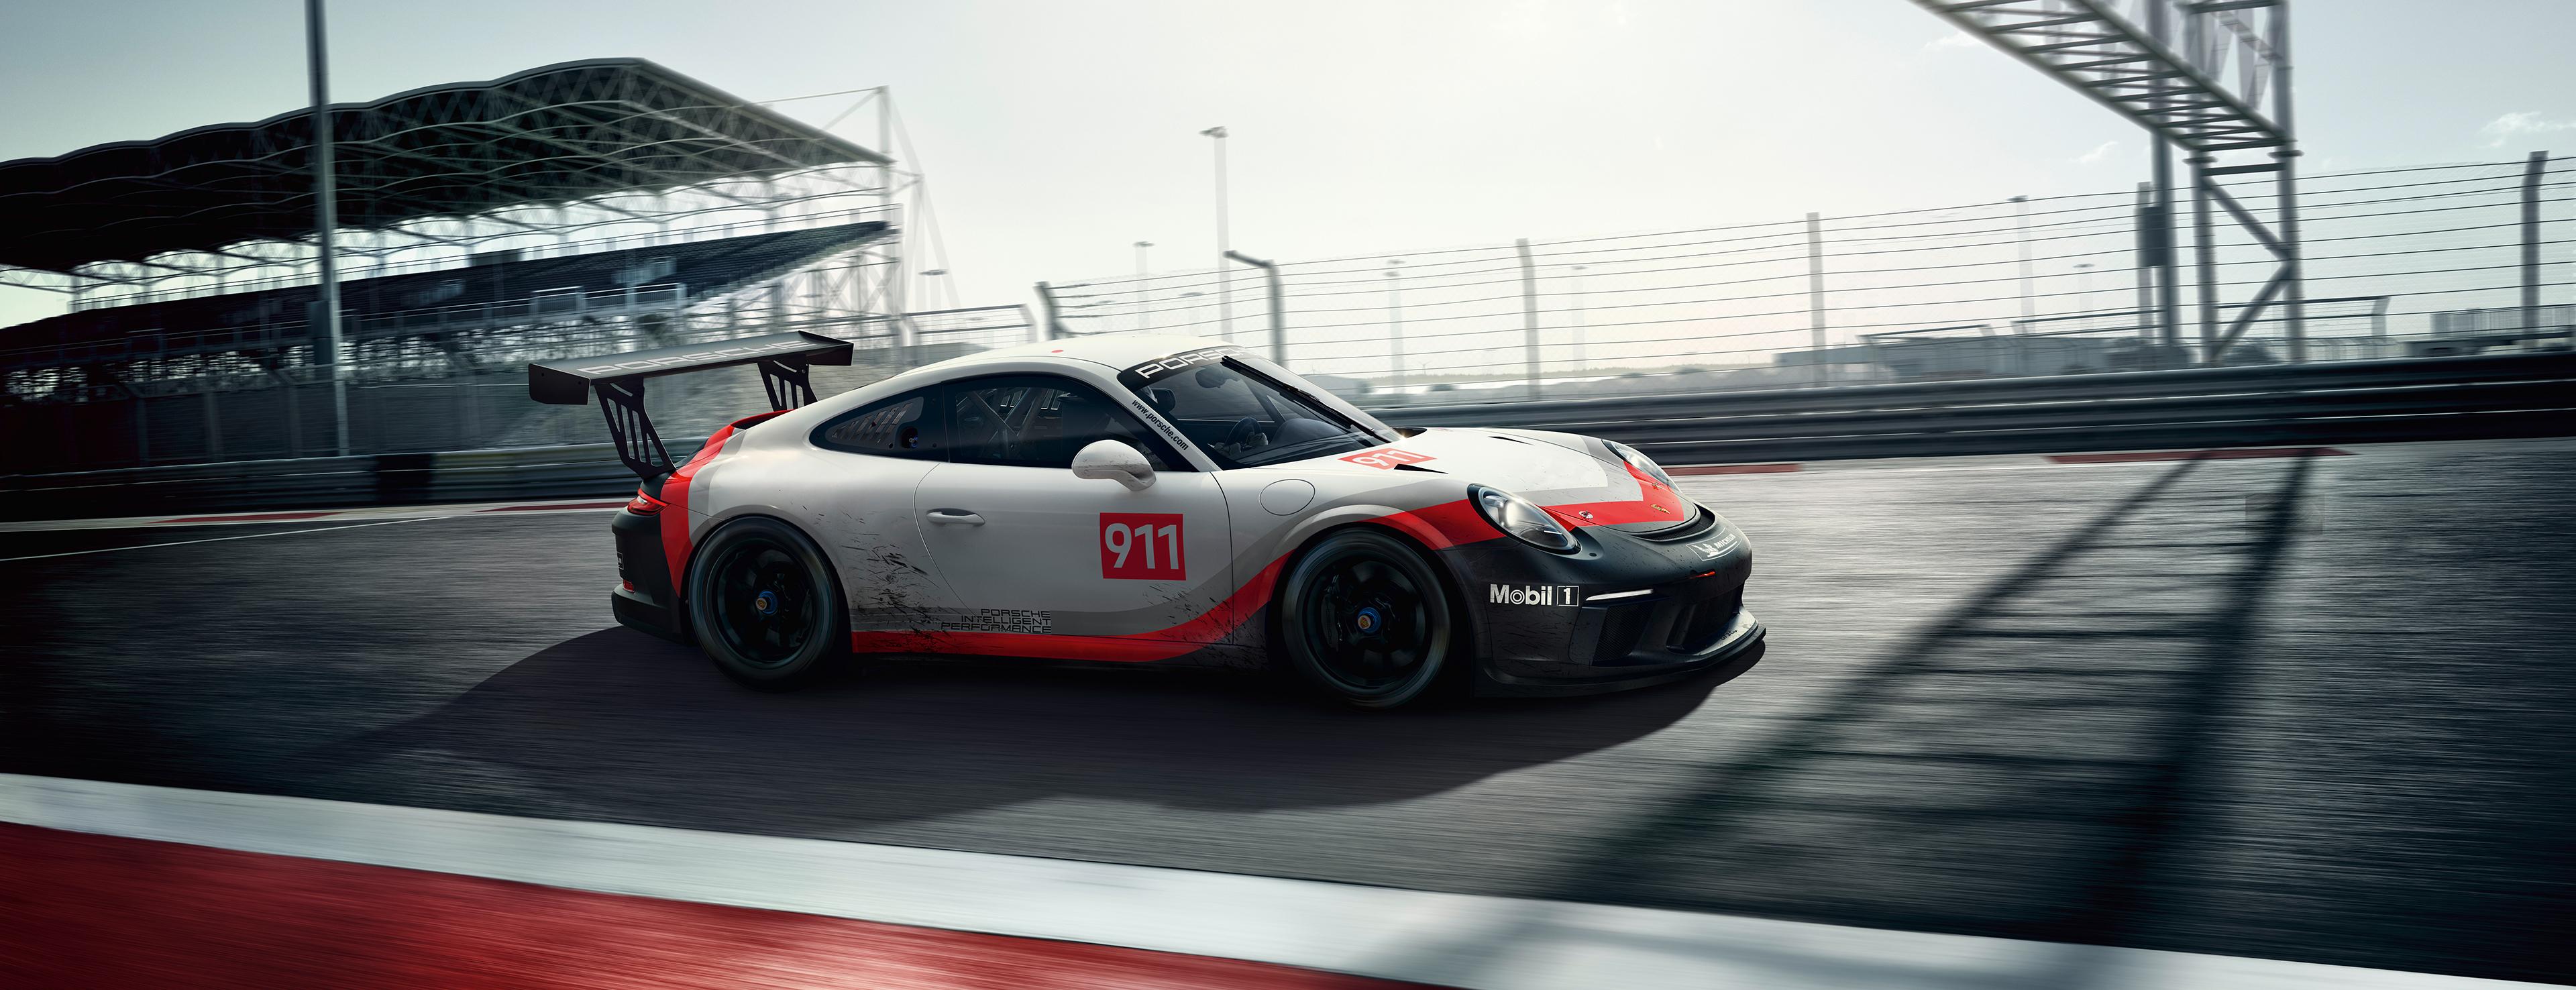 Porsche Motorsport Parts Sales Porsche Usa